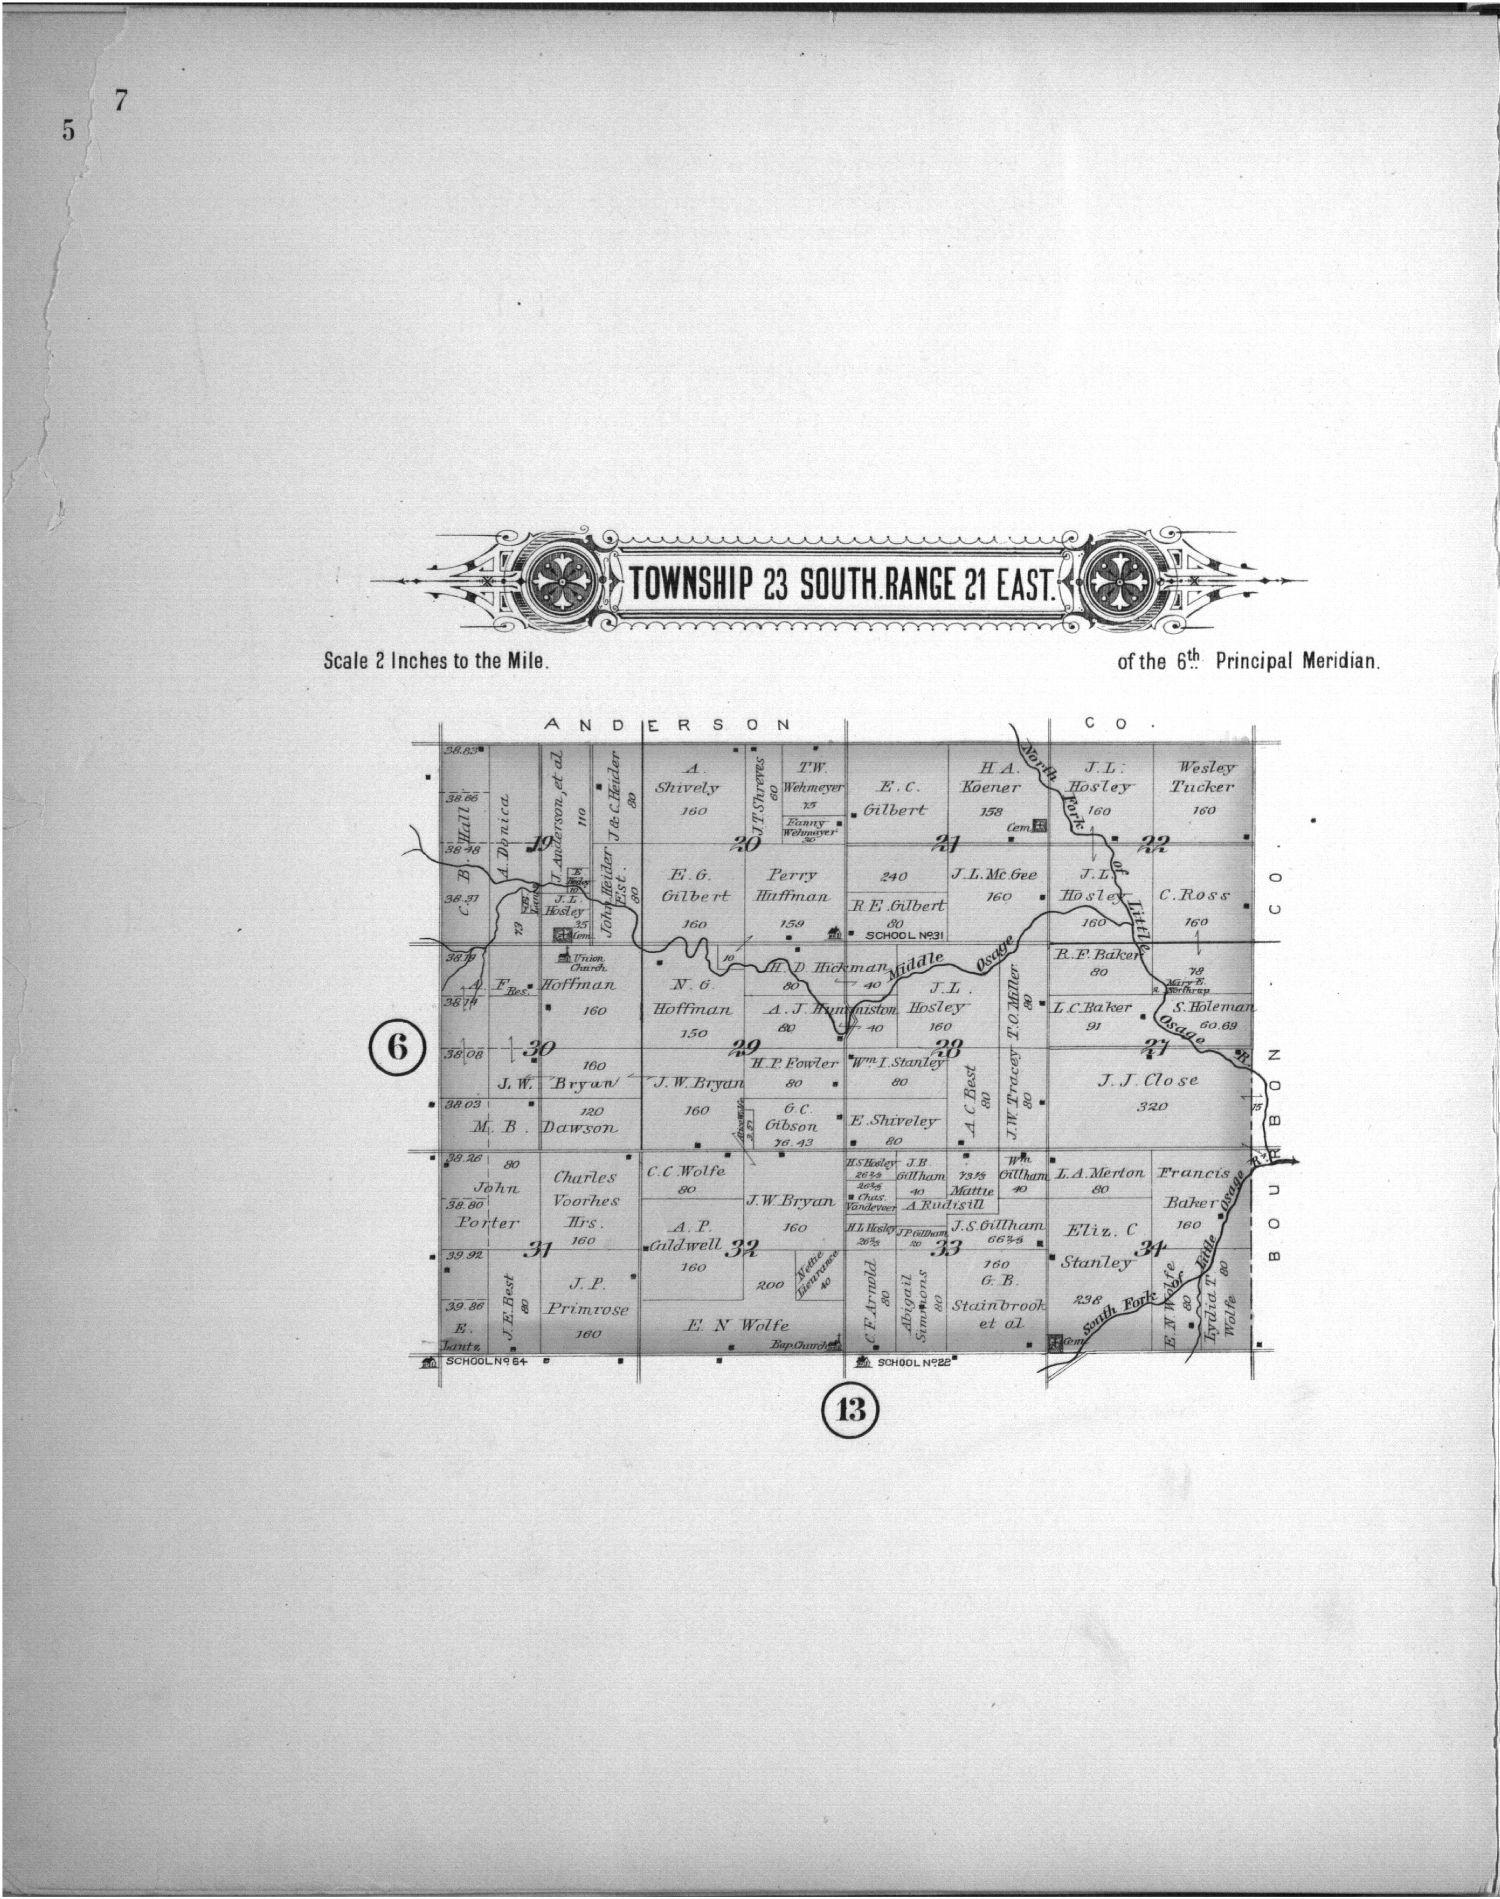 Plat book of Allen County, Kansas - 7